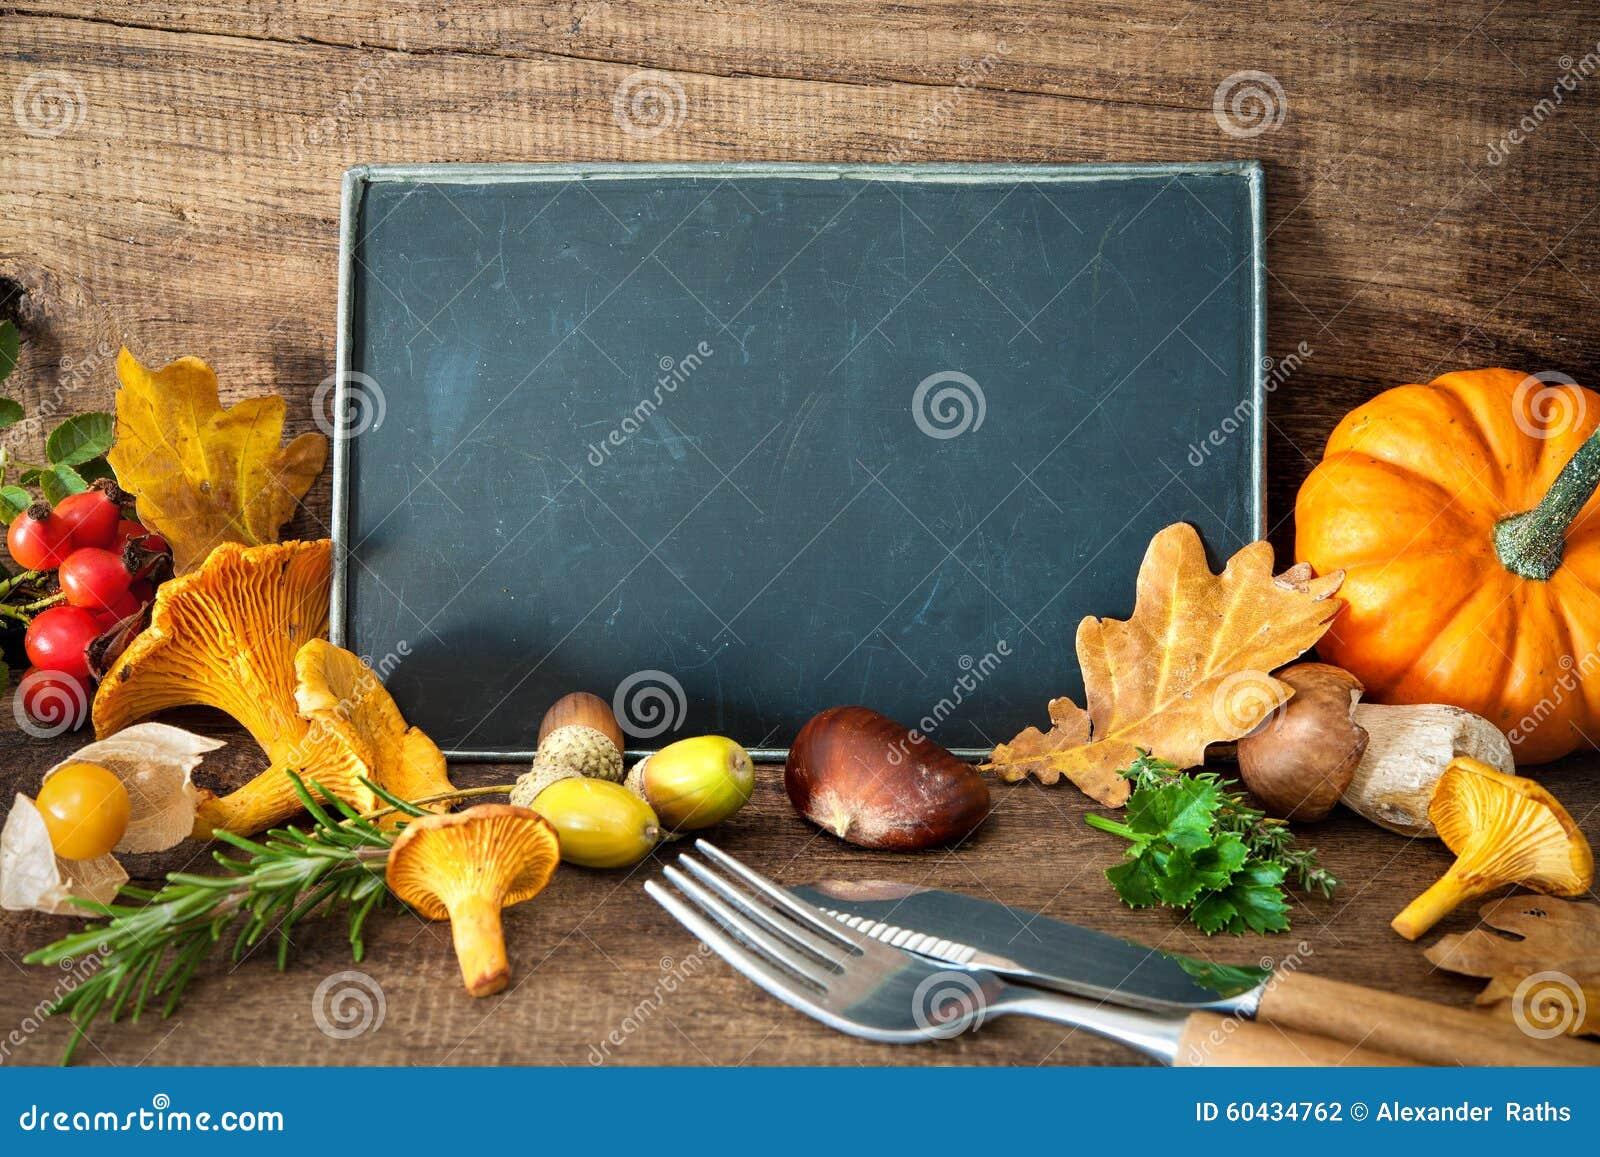 Danksagungsstillleben mit Pilzen, Saisonfrucht und veget